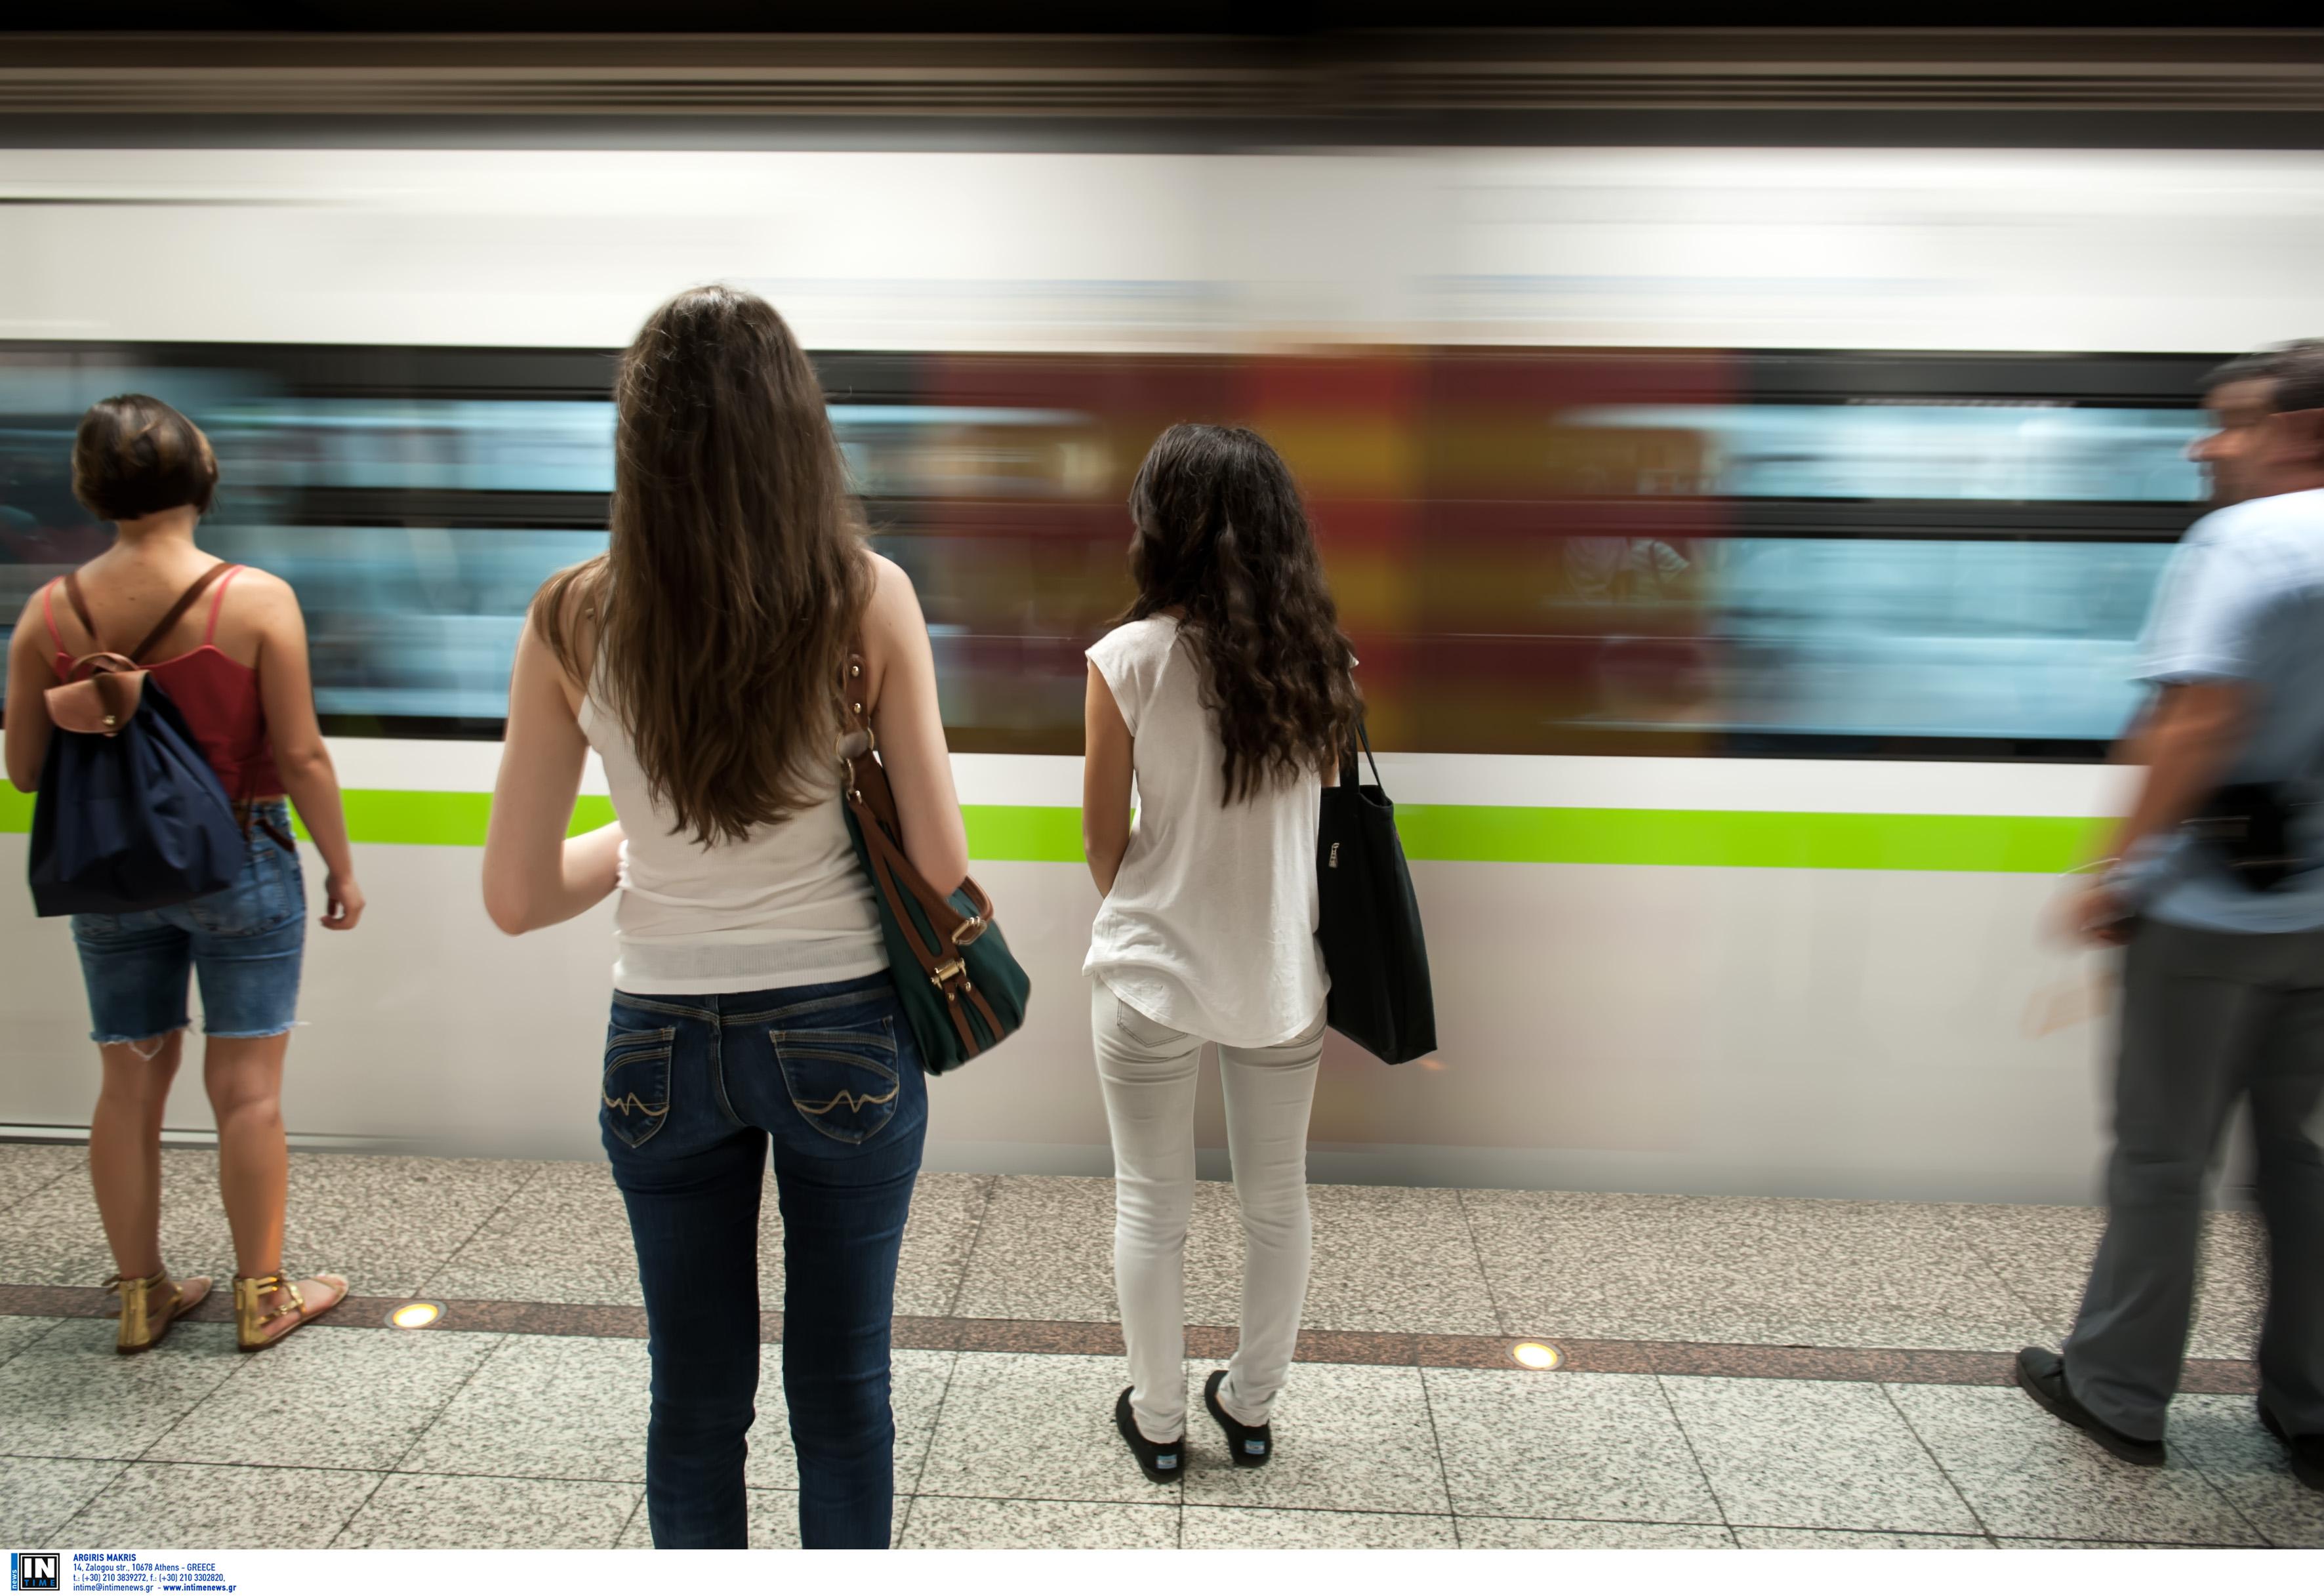 Ανεστάλη η απεργία στο Μετρό! Κανονικά τα δρομολόγια Πέμπτη και Παρασκευή